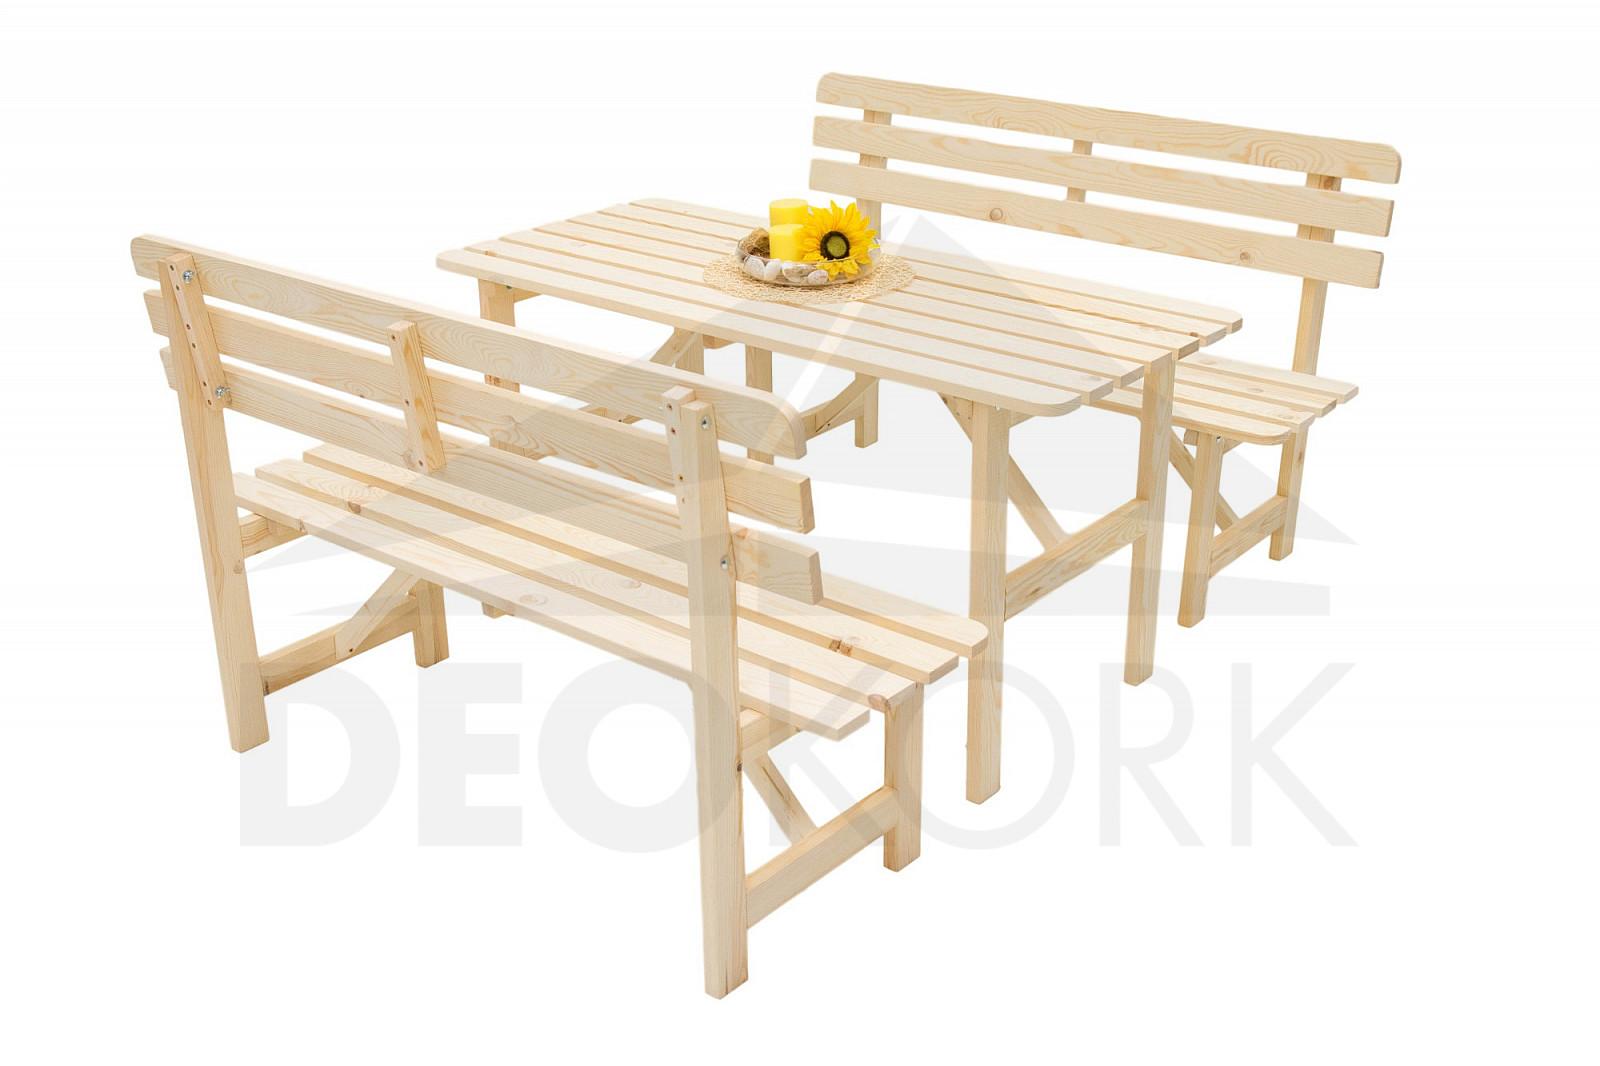 7c451621d94d Masívna drevená záhradná zostava z borovice 1+2 drevo 22 mm